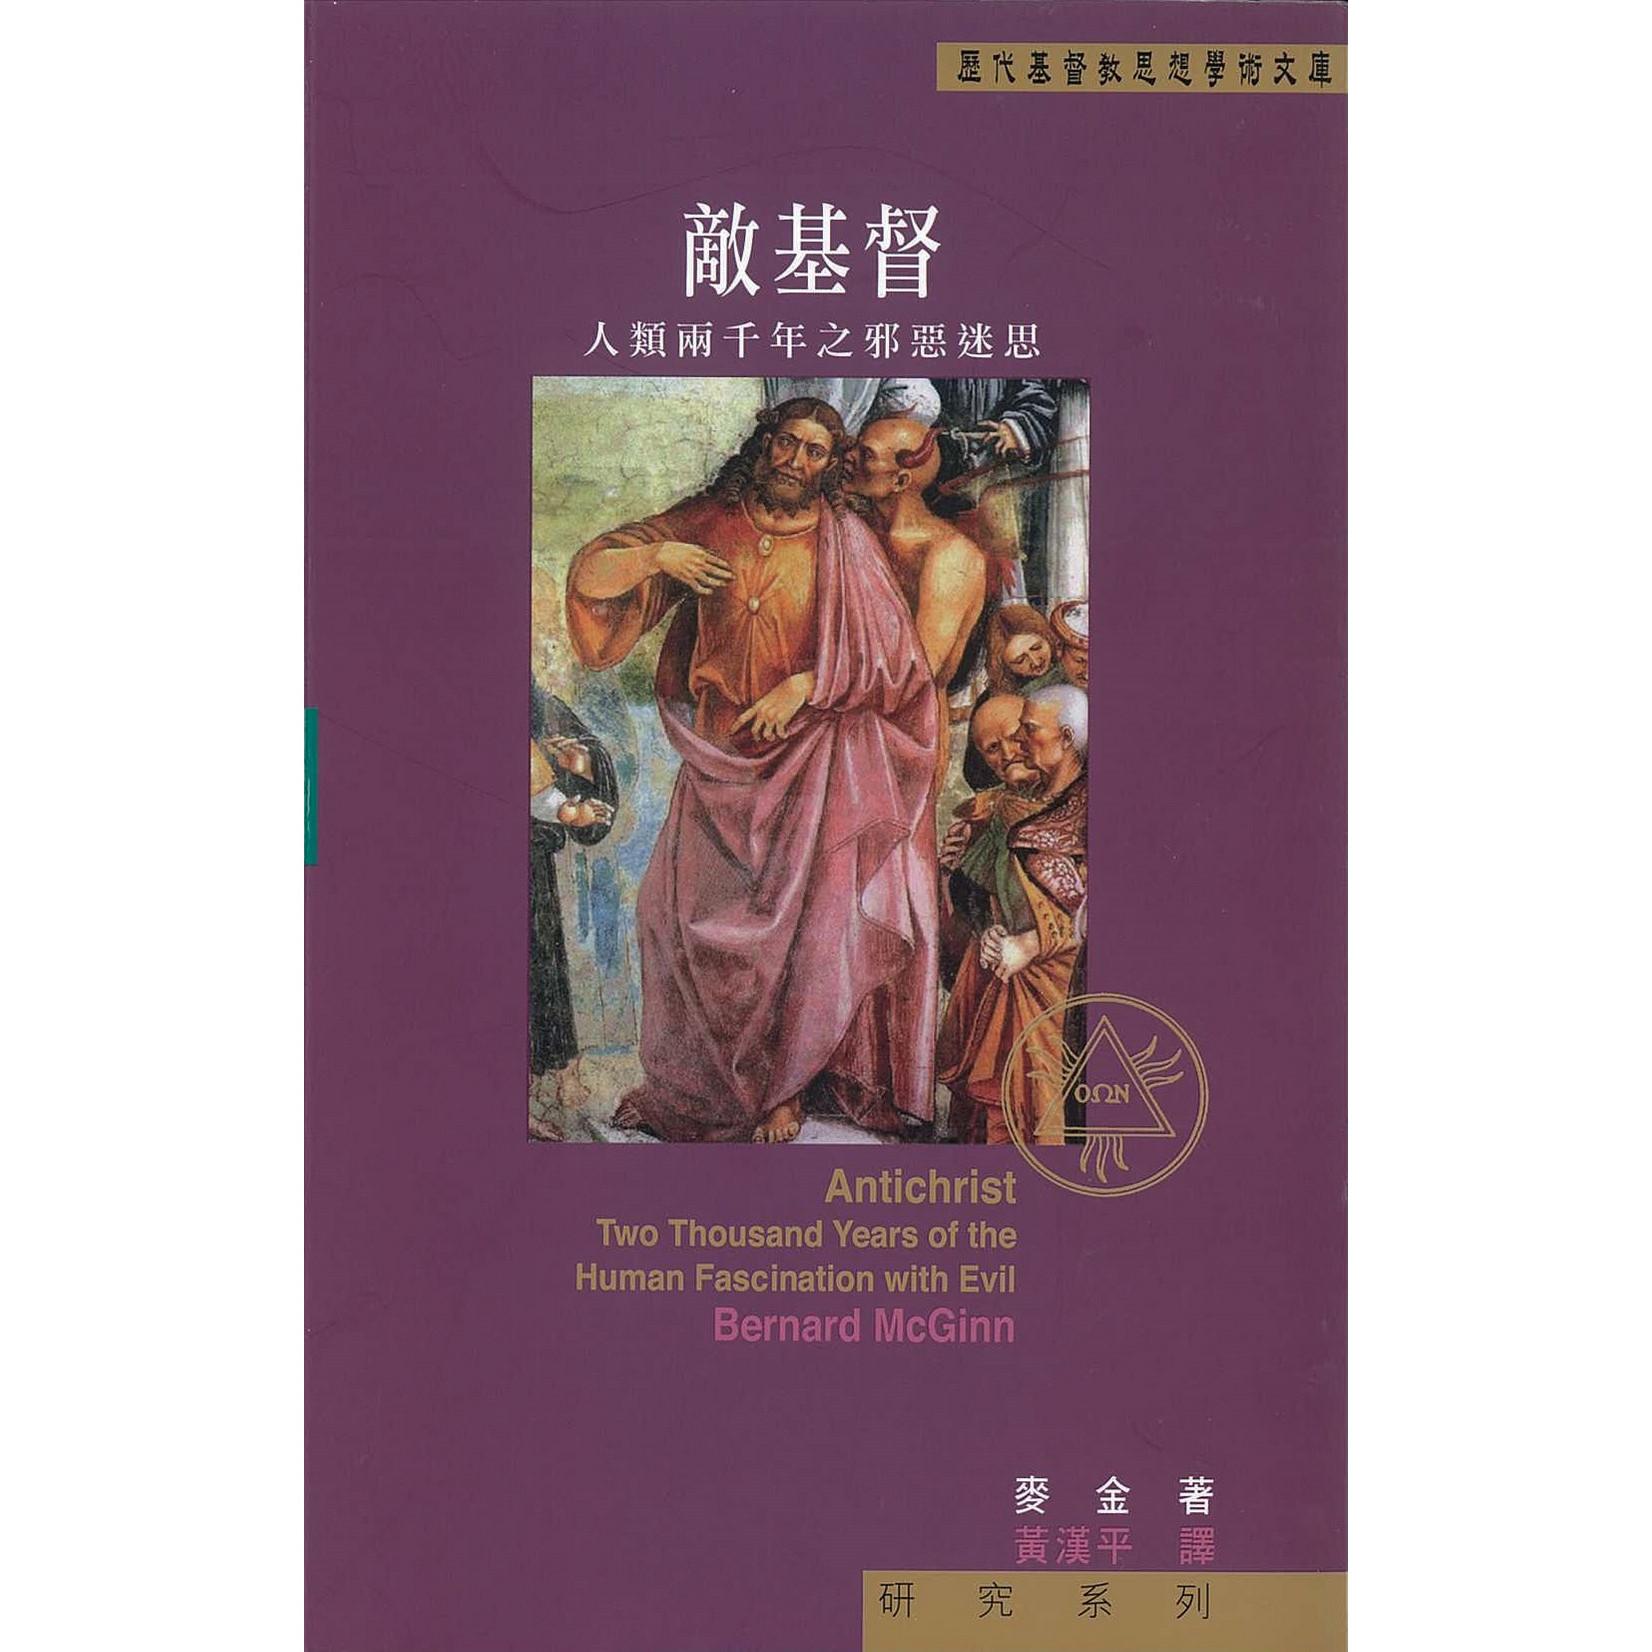 道風書社 Logos and Pneuma Press 敵基督:人類兩千年之邪惡迷思 Antichrist: Two Thousand Years of the Human Fascination with Evil